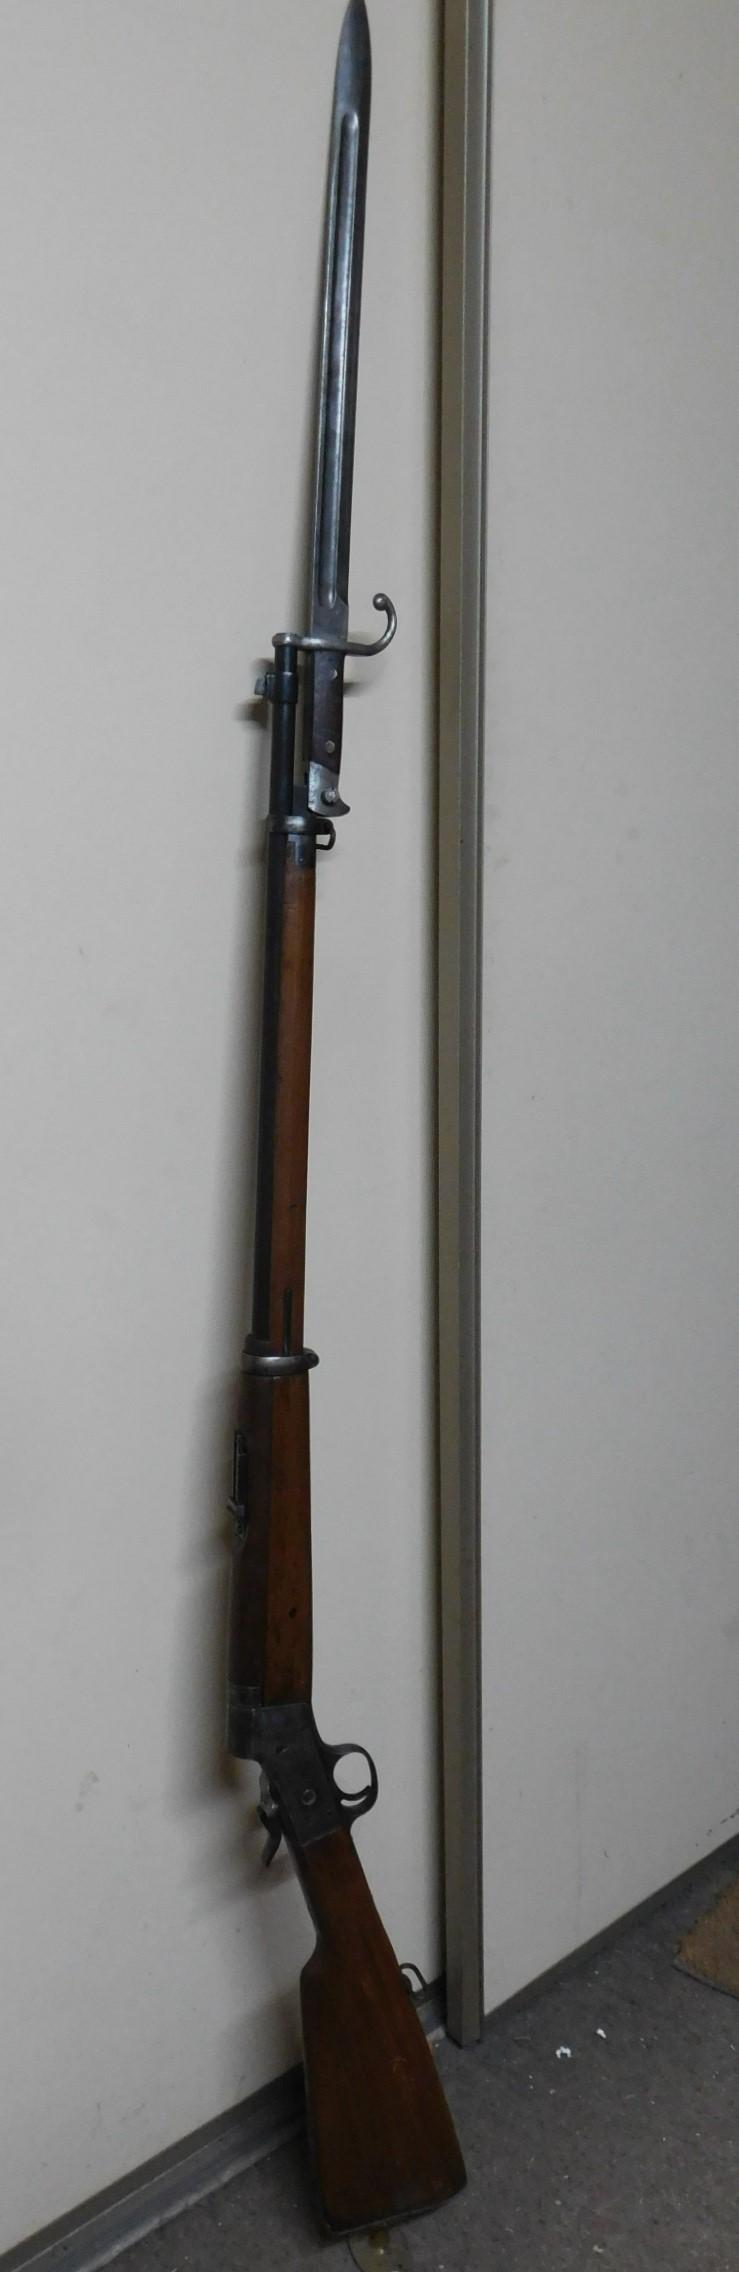 rolling block 8mm lebel Dscn0815